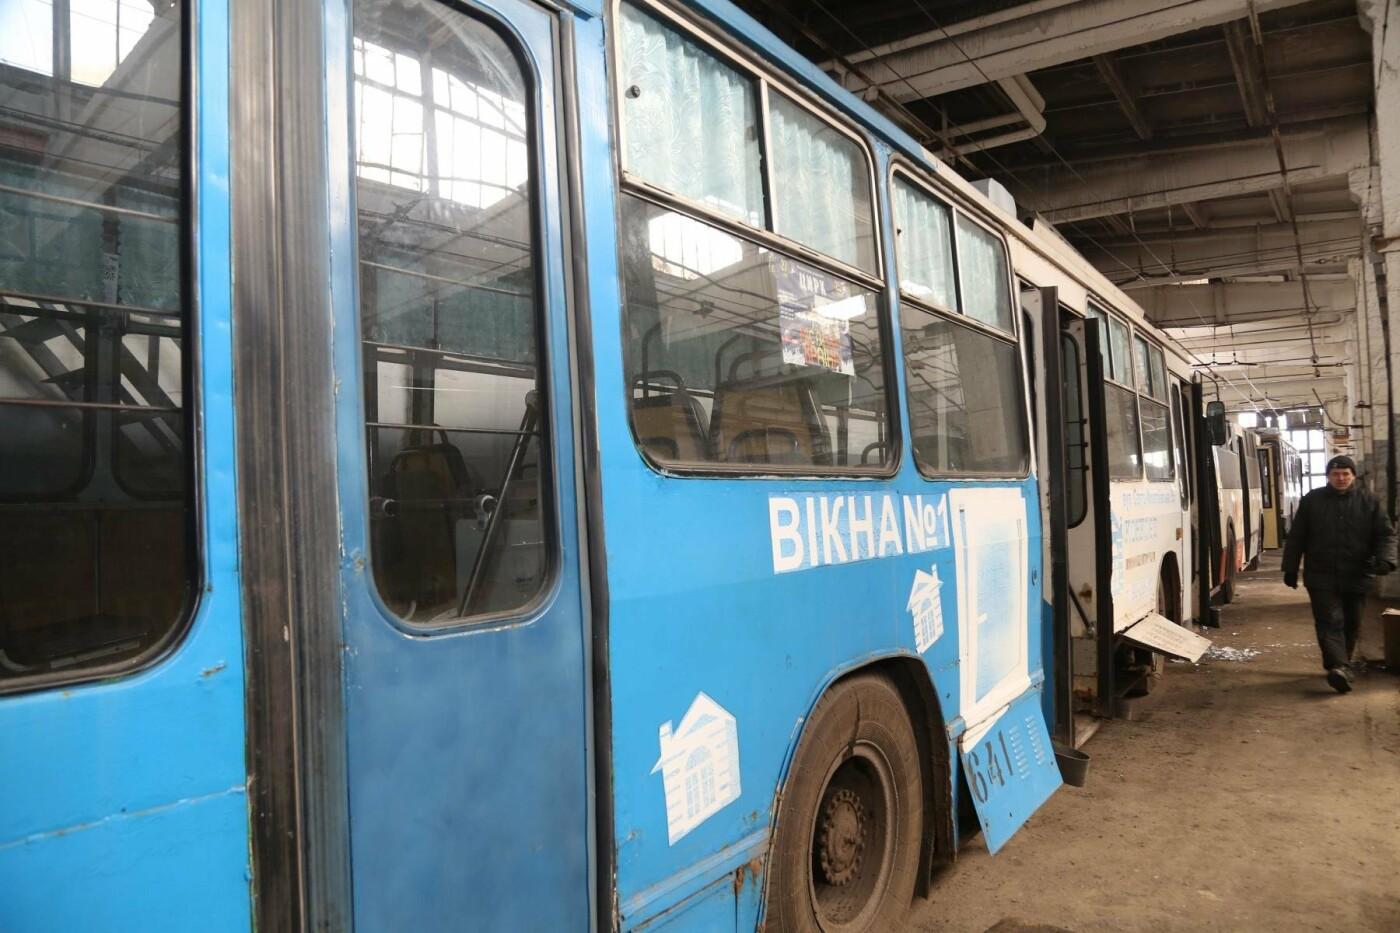 Эксперты ЕБРР с криворжскими чиновниками готовят обоснования для покупки новых троллейбусов , фото-4